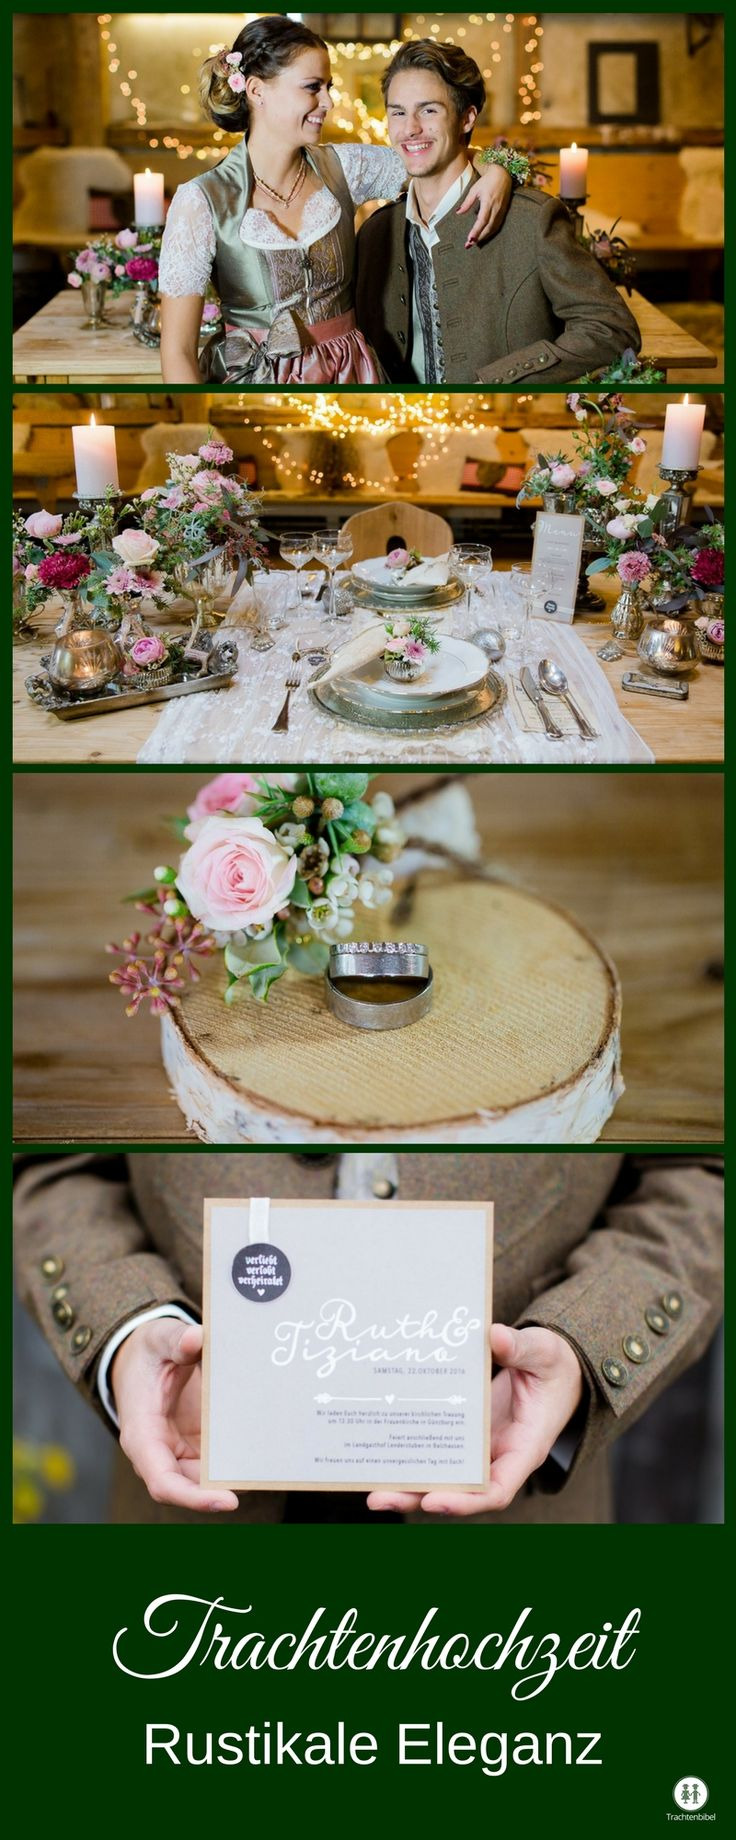 Inspirationen für die Hochzeit in Tracht. Heiraten im Dirndl ist in! Hier gibt es Tischdeko in Rosa und Grün, Menükarten und vieles mehr zum Ansehen.